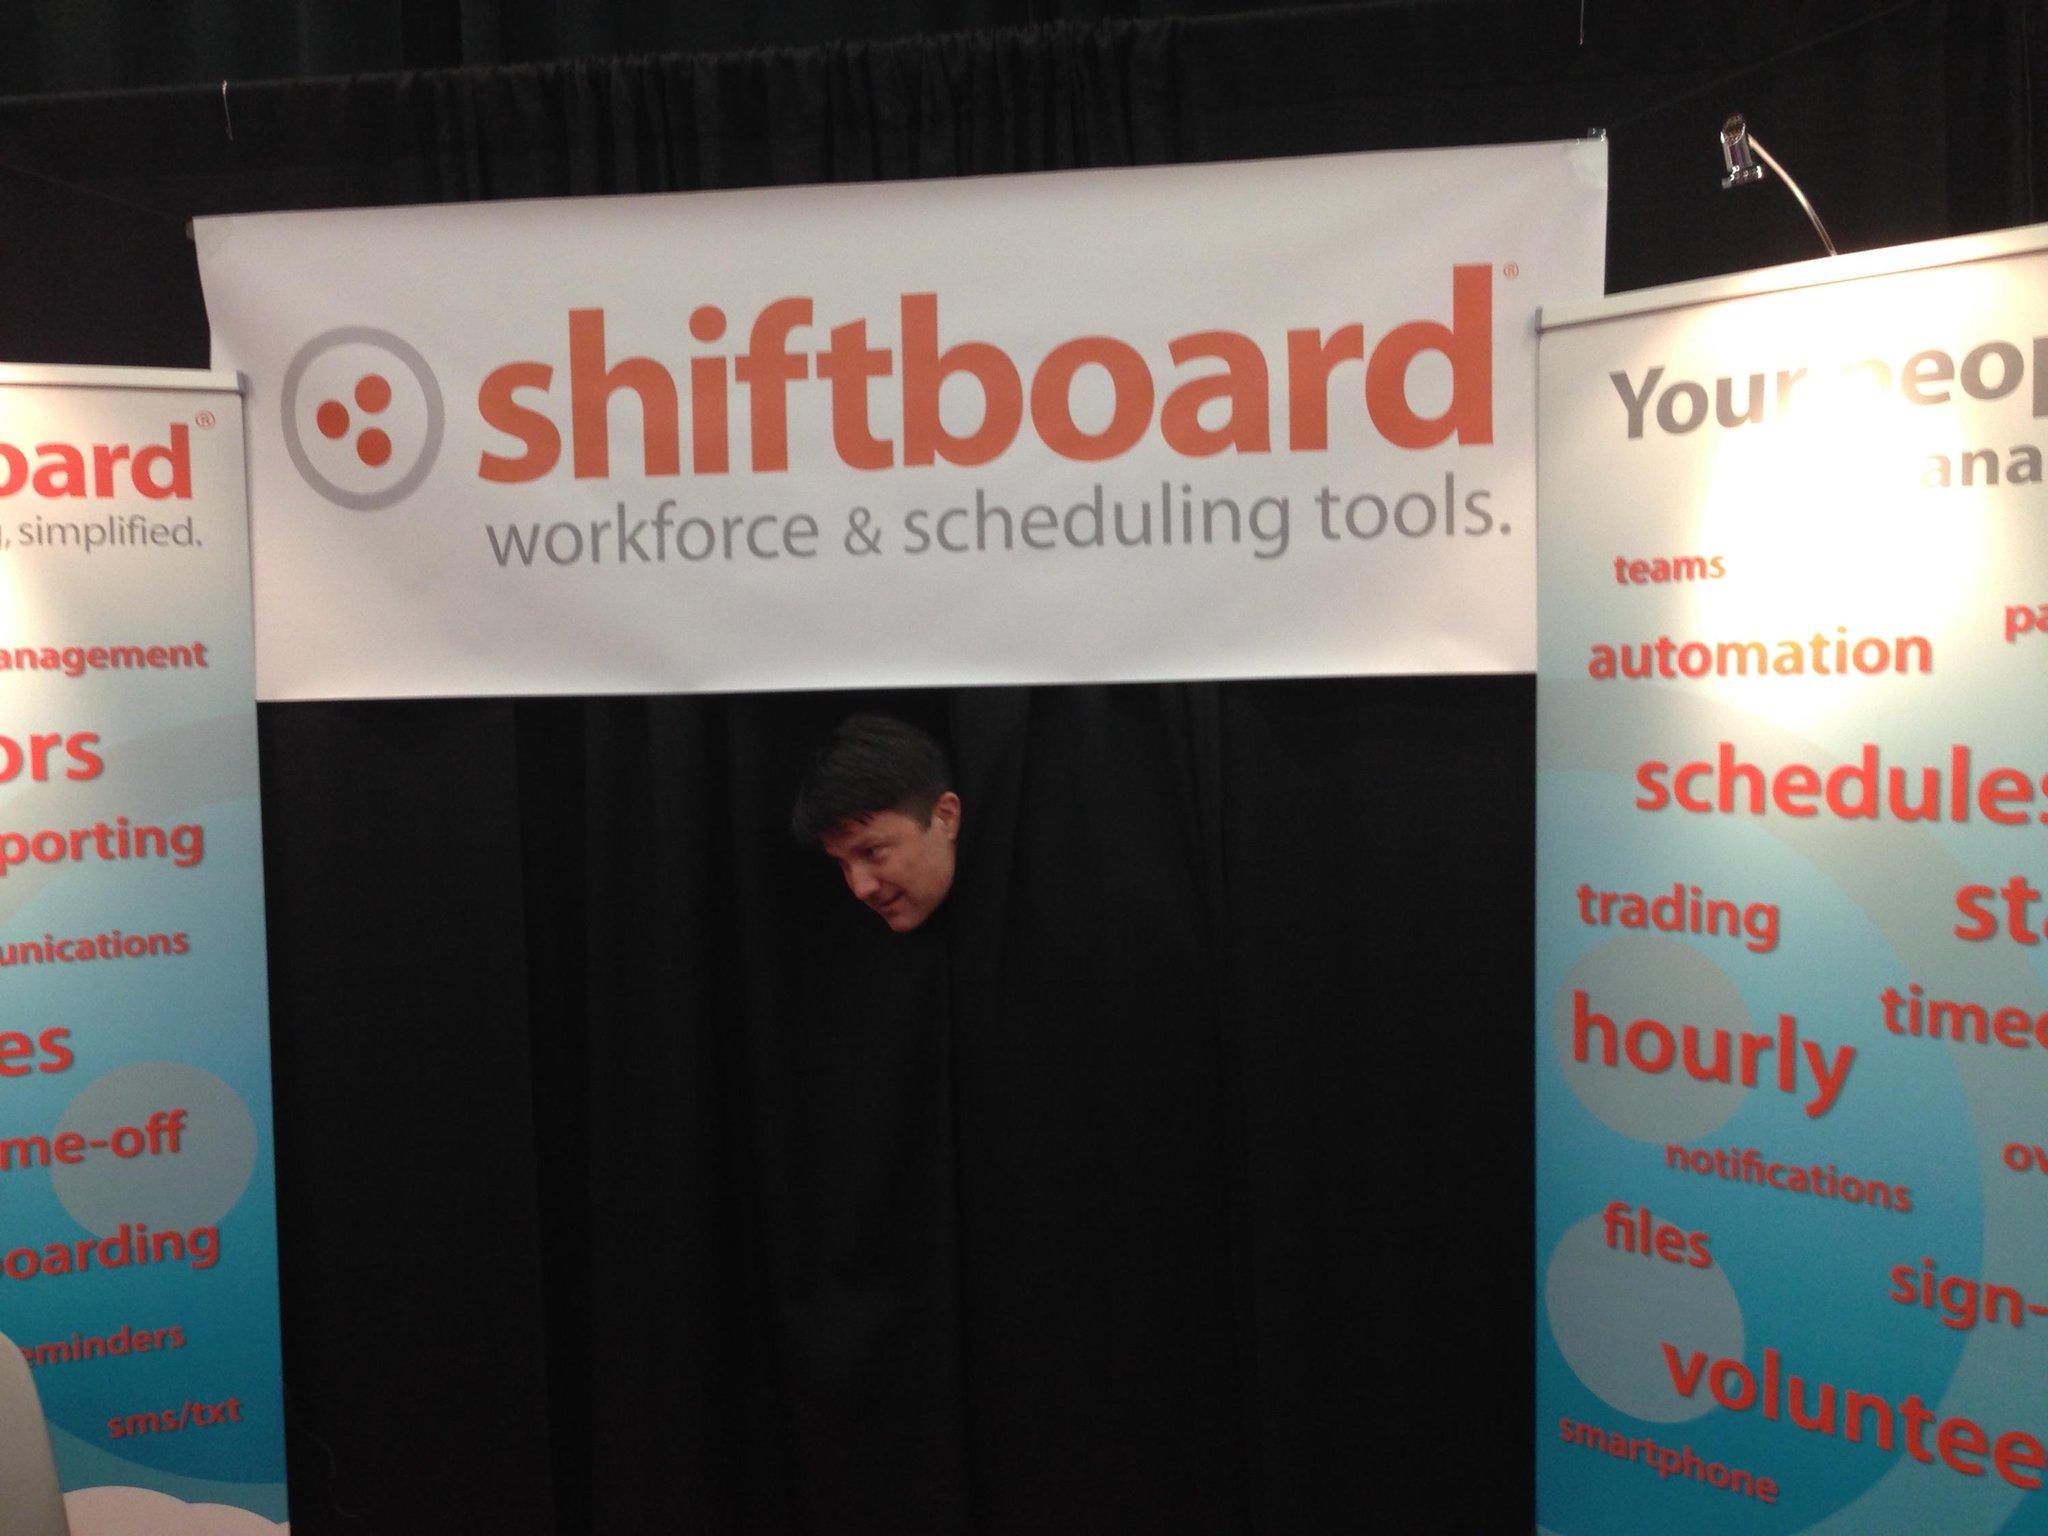 shiftboard sxsw